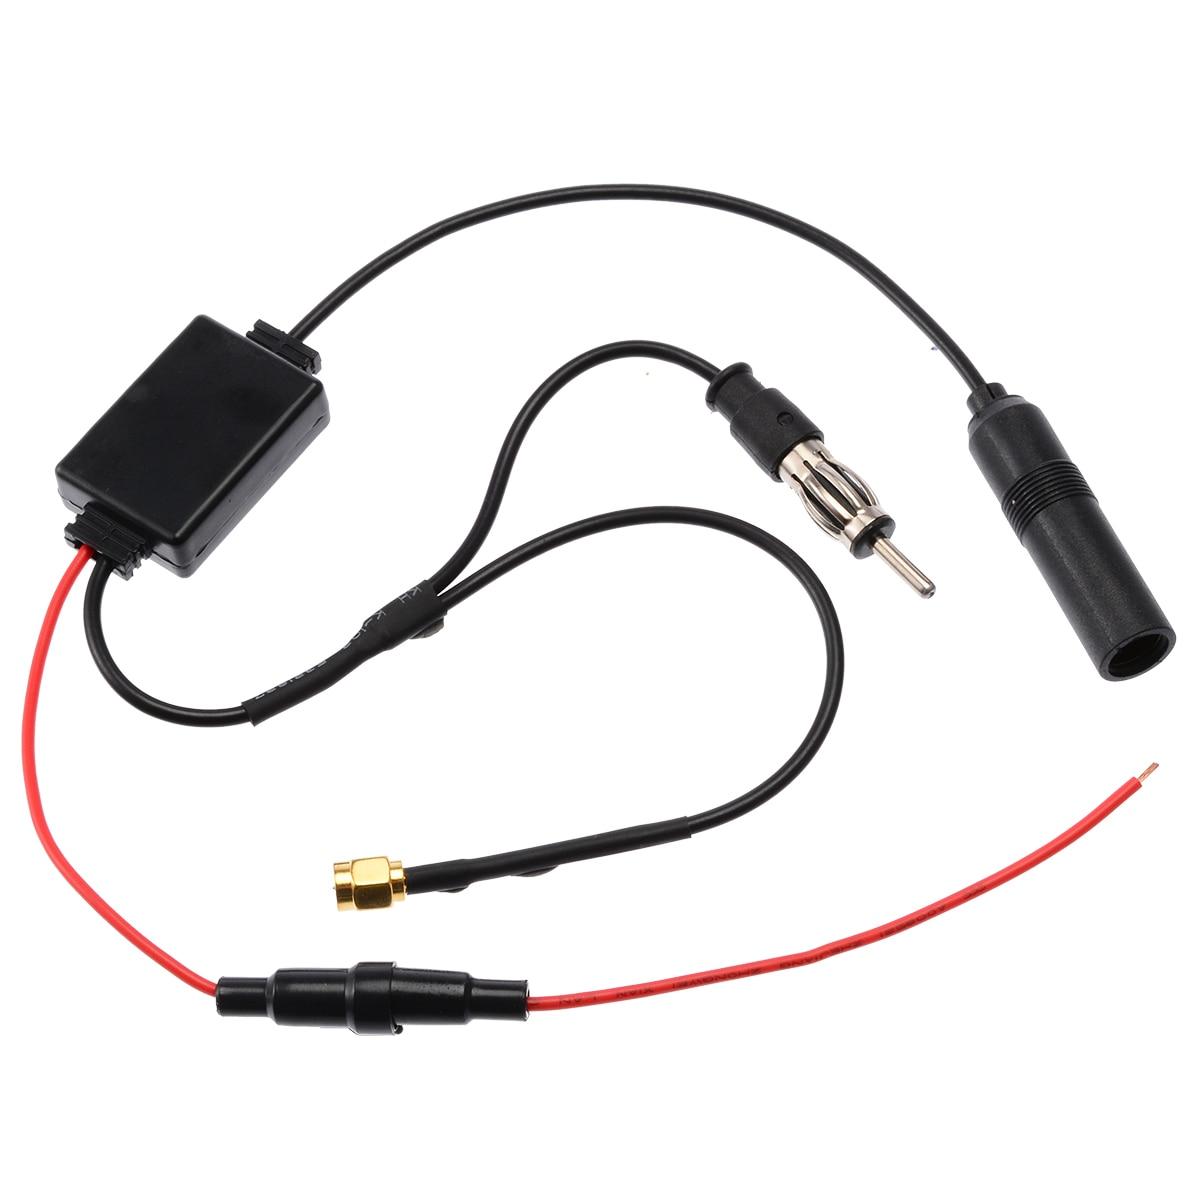 1 Набор универсальный автомобильный FM/AM DAB + АНТЕННА антенный сплиттер адаптер кабель 88-108 МГц диапазон SMB конвертер для автомобильного радио